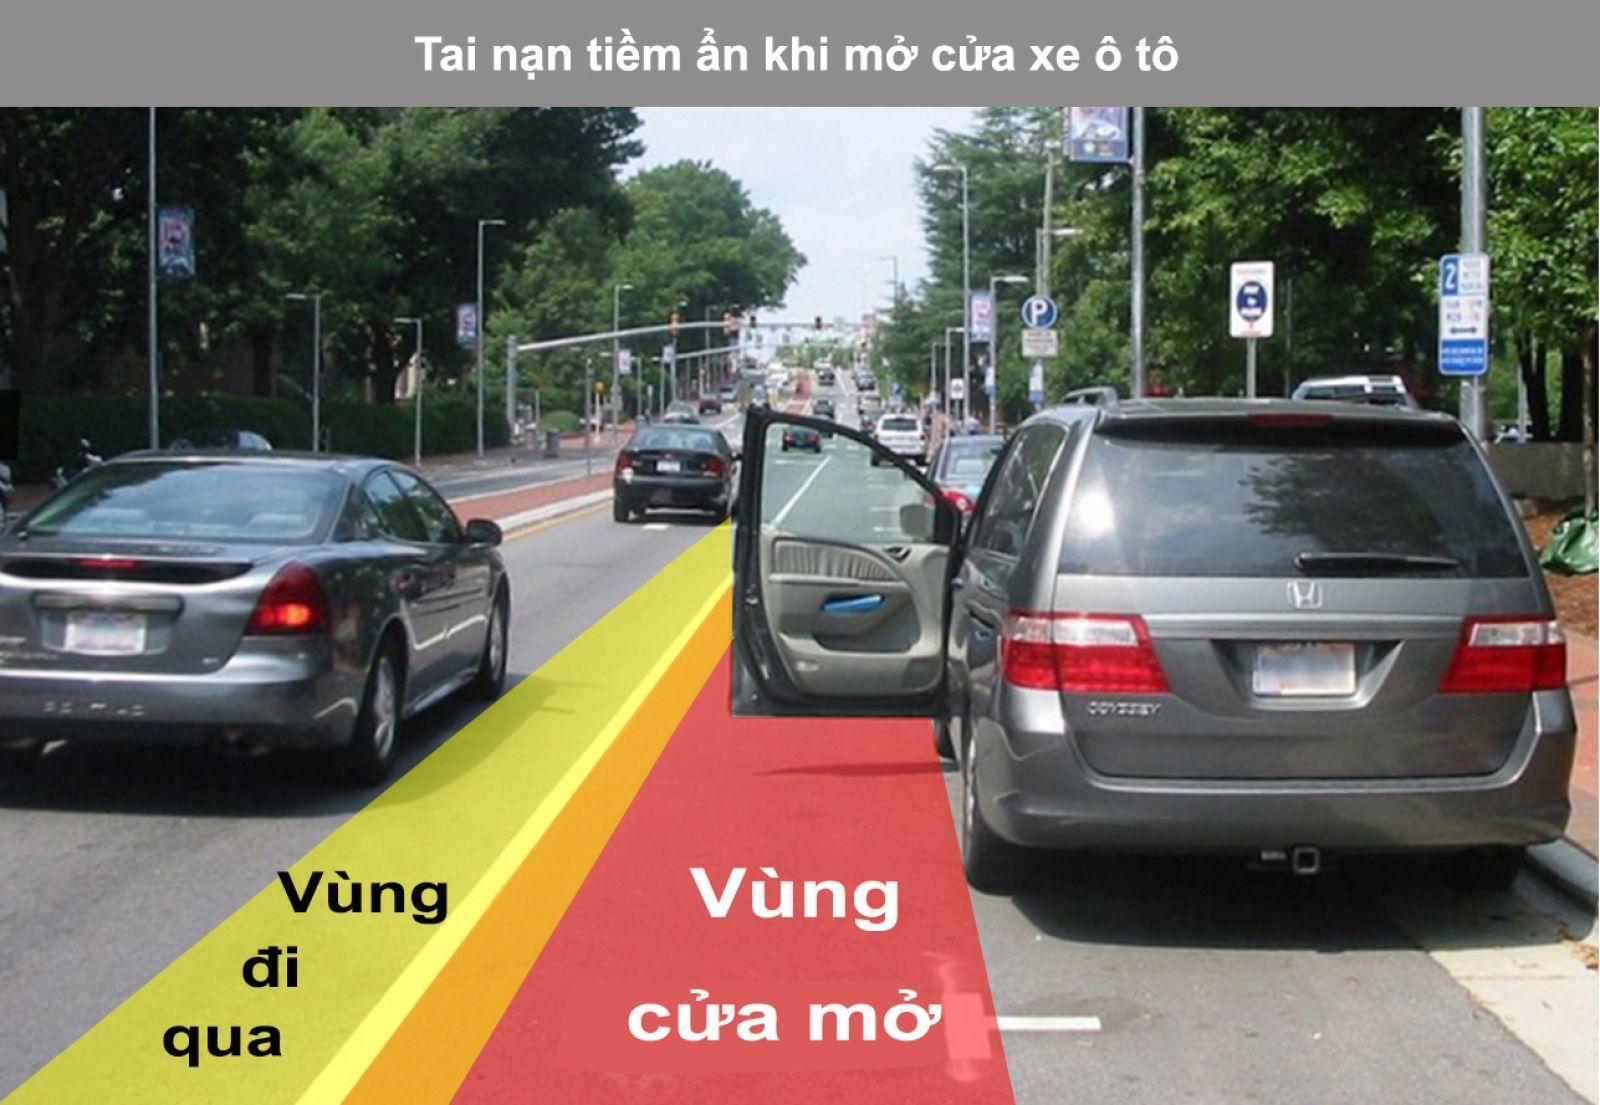 Mở cửa ô tô gây tai nạn có thể bị đi tù